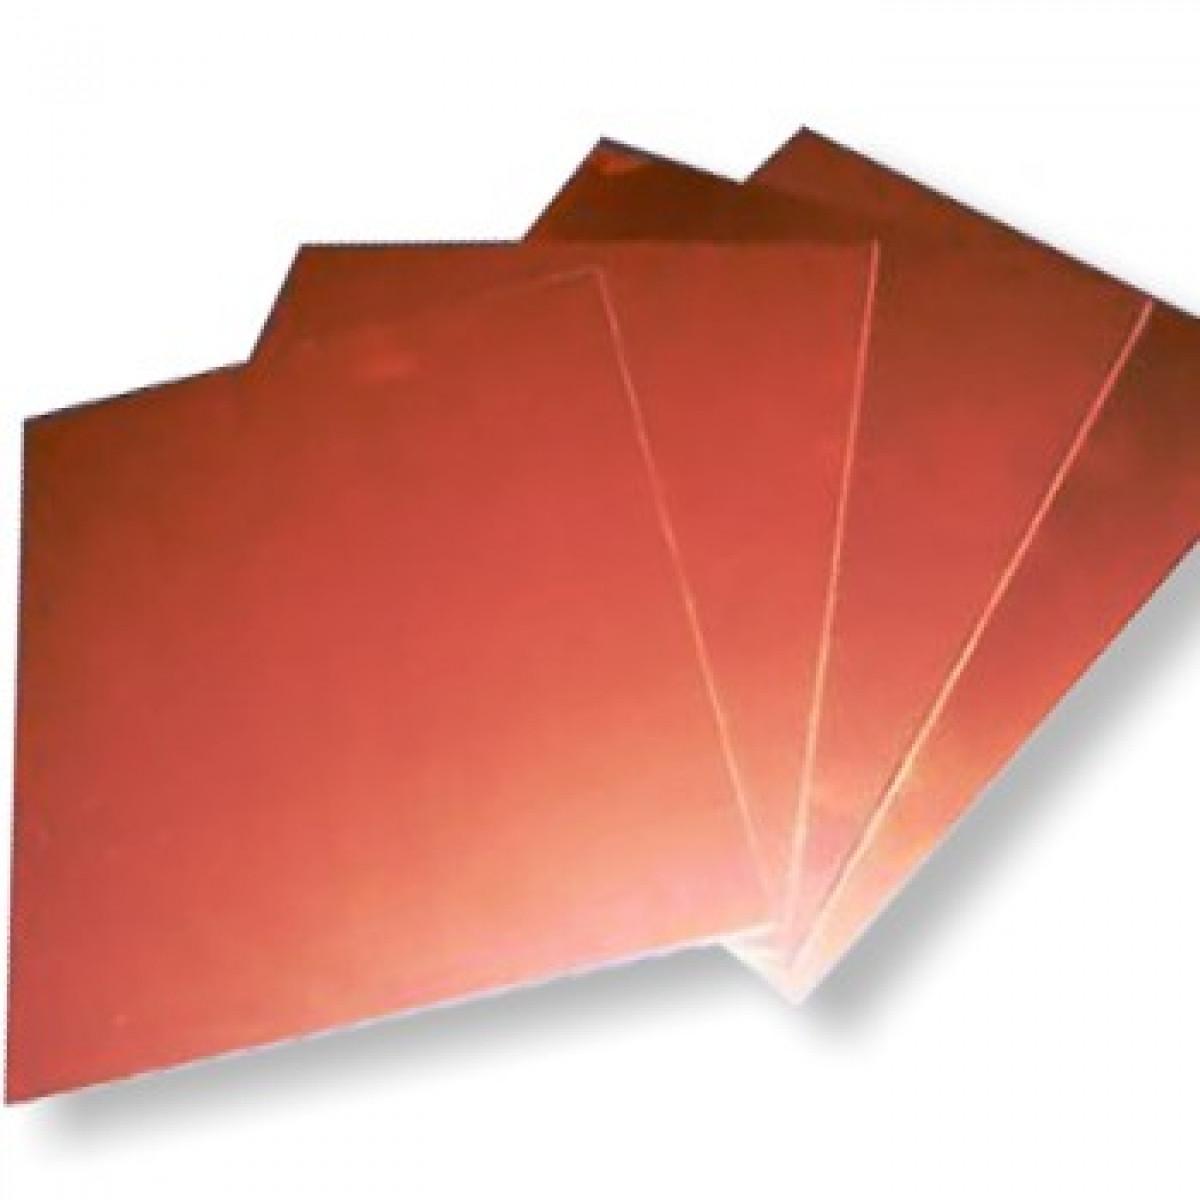 Placa de cobre para gravura 15x15cm for Placas para pared